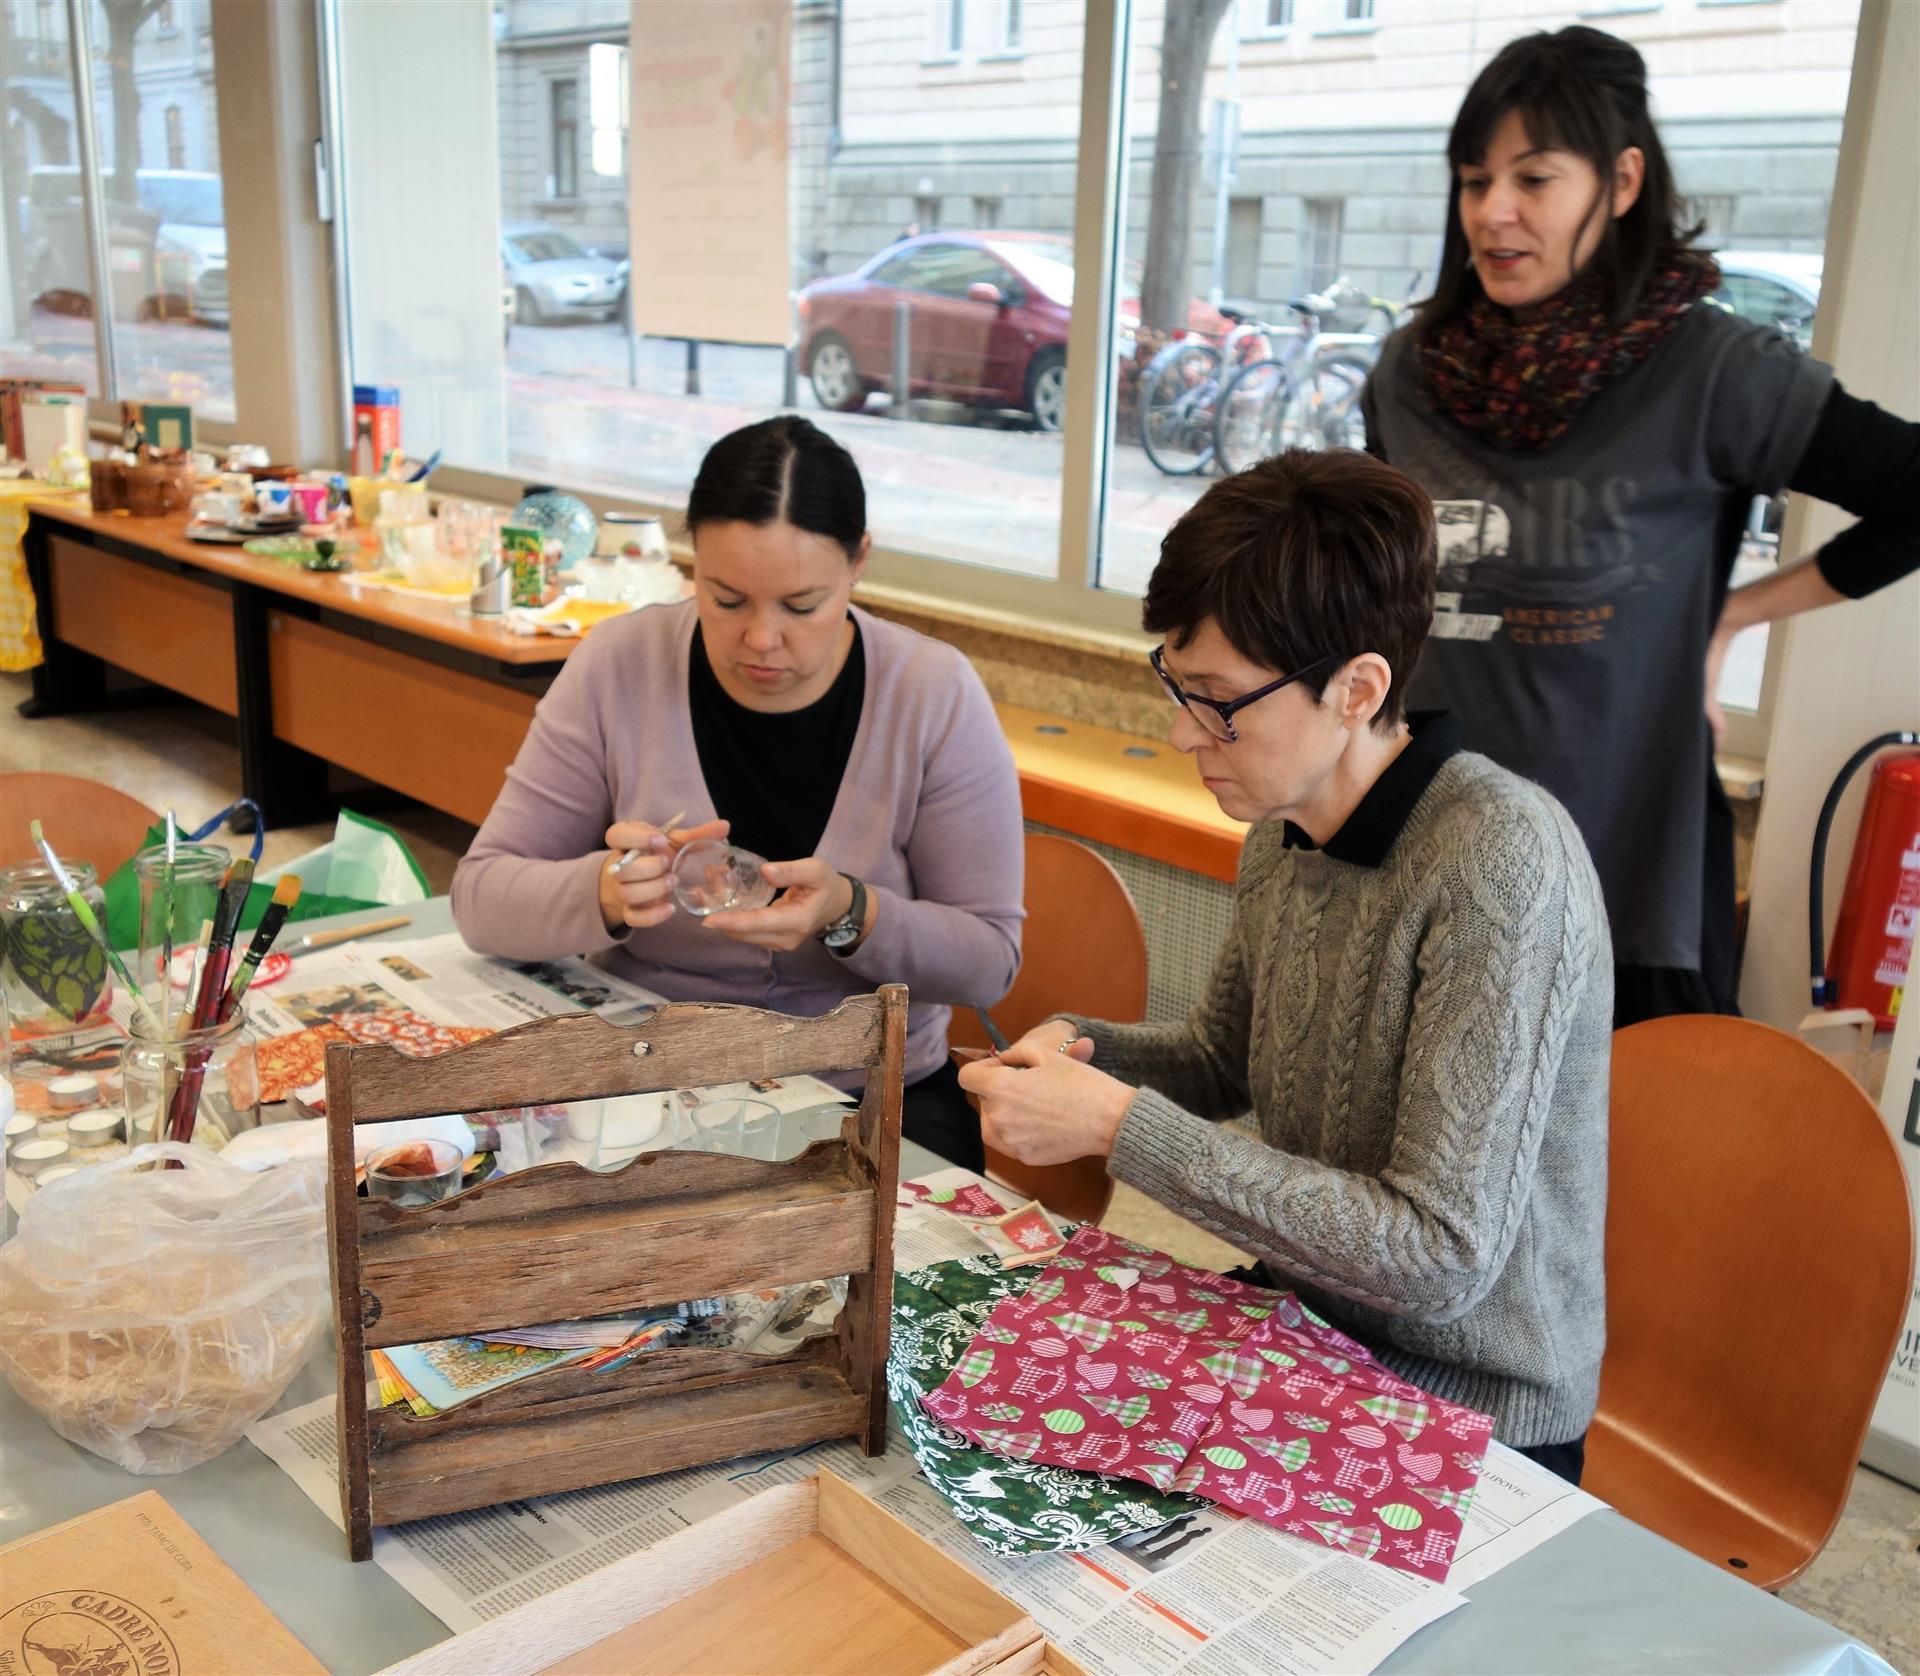 Ropotarnica - delavnica - Snaga - recikliranje - druženje